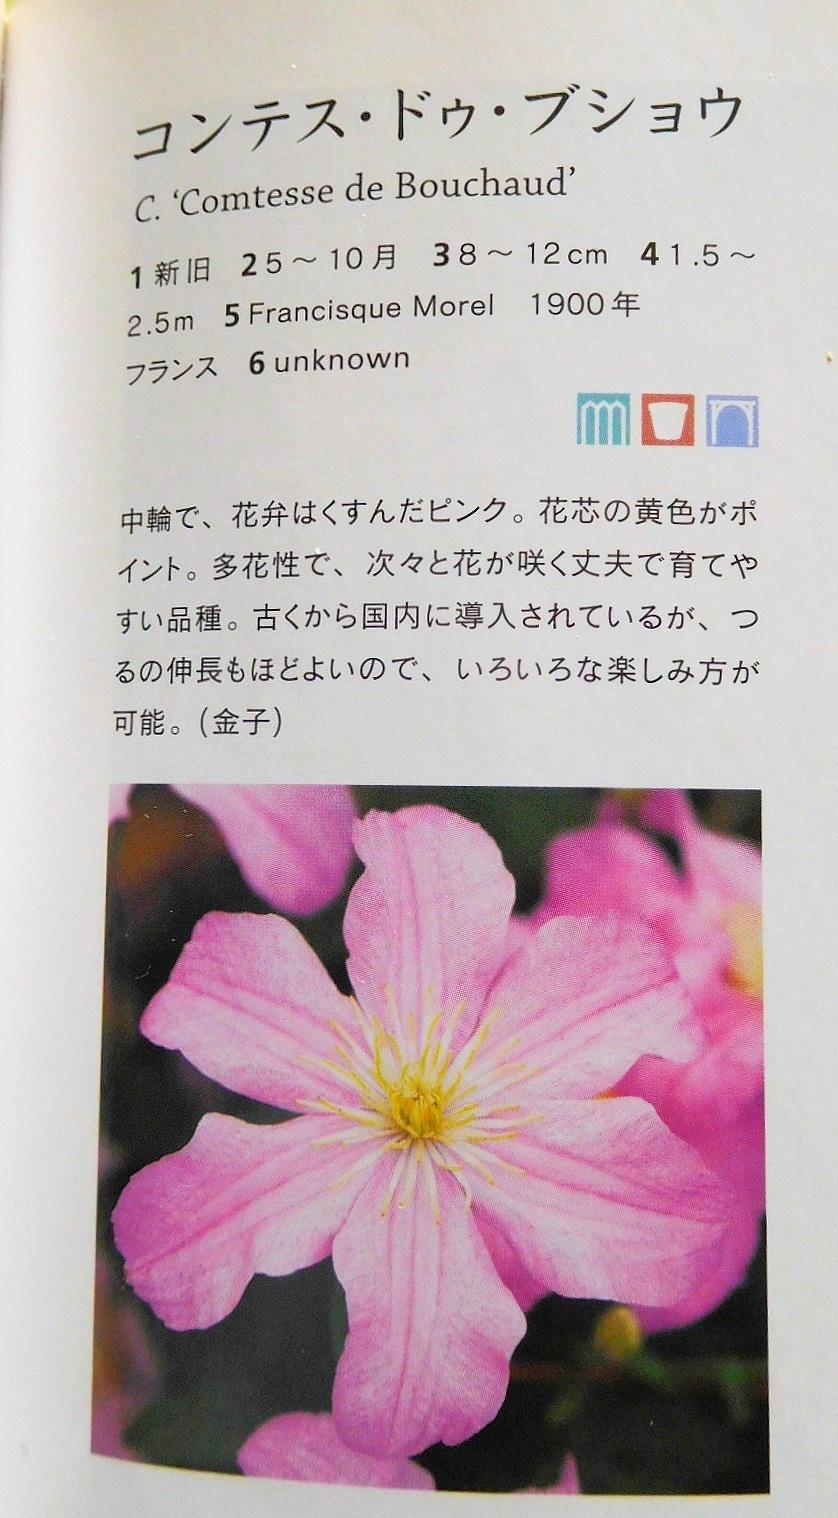 DSCN3869-01.jpg